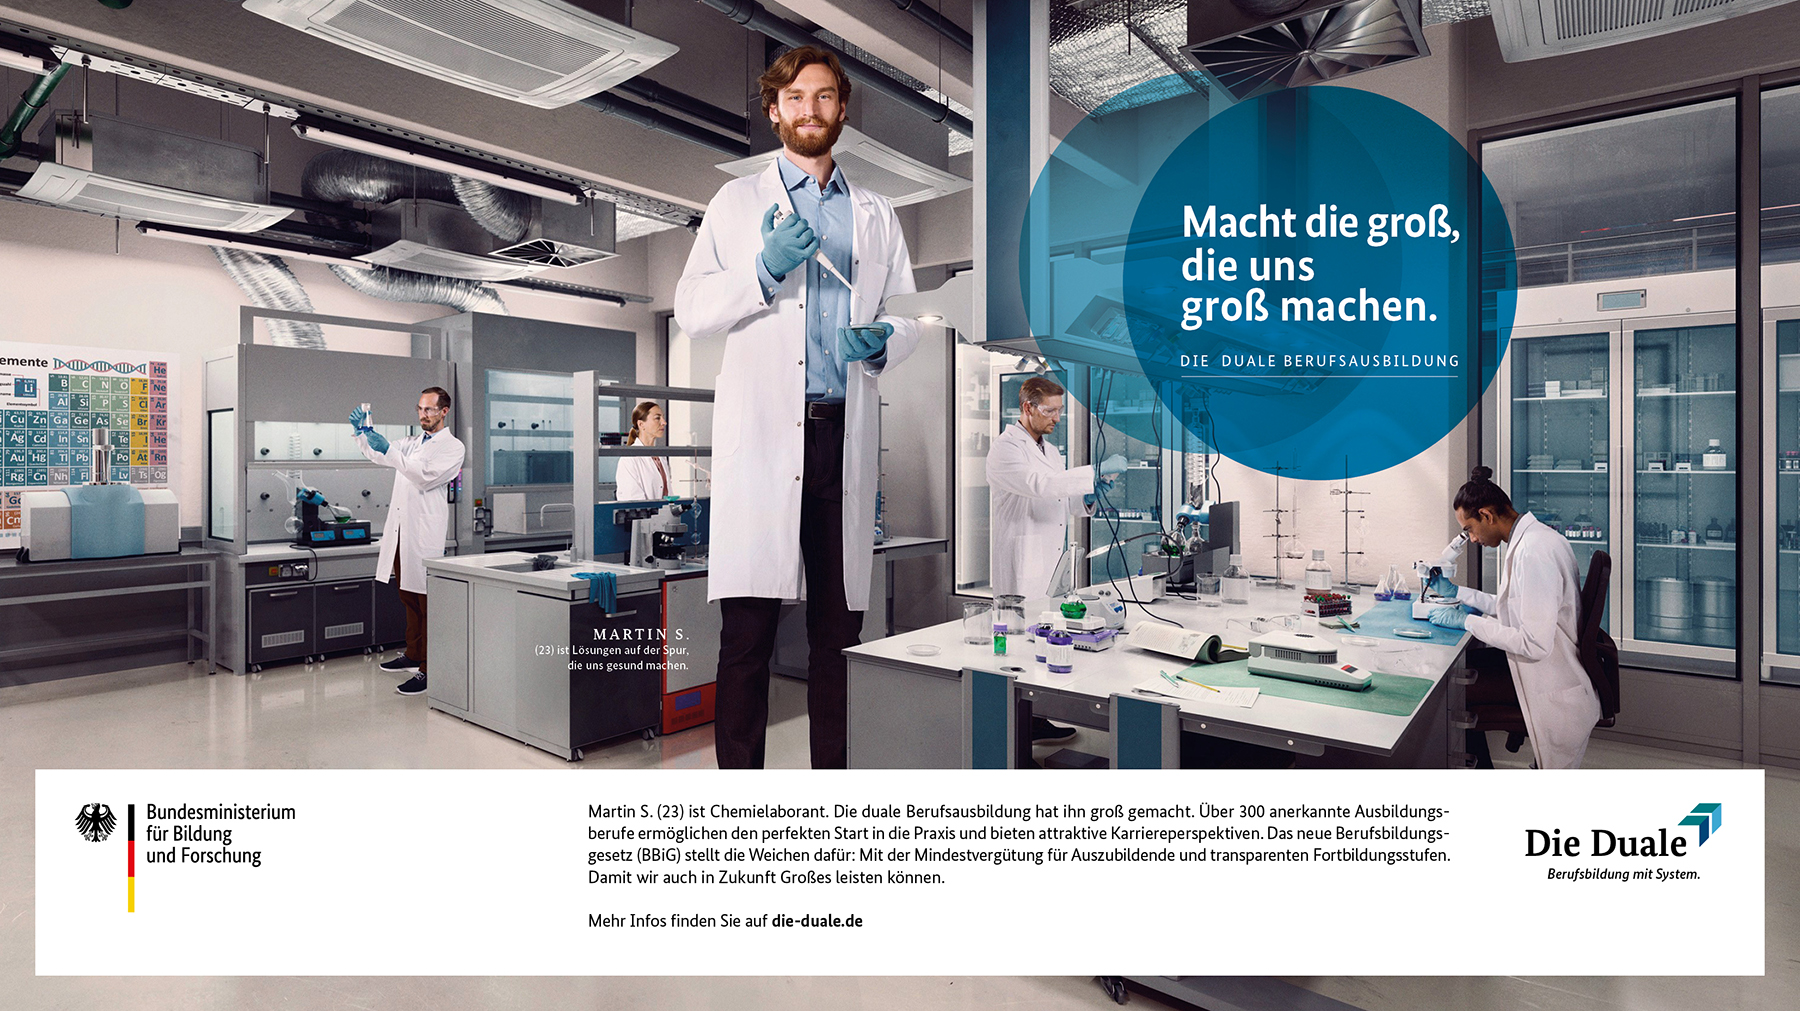 """Nationale Informationskampagne """"Die Duale – Berufsbildung mit System"""""""